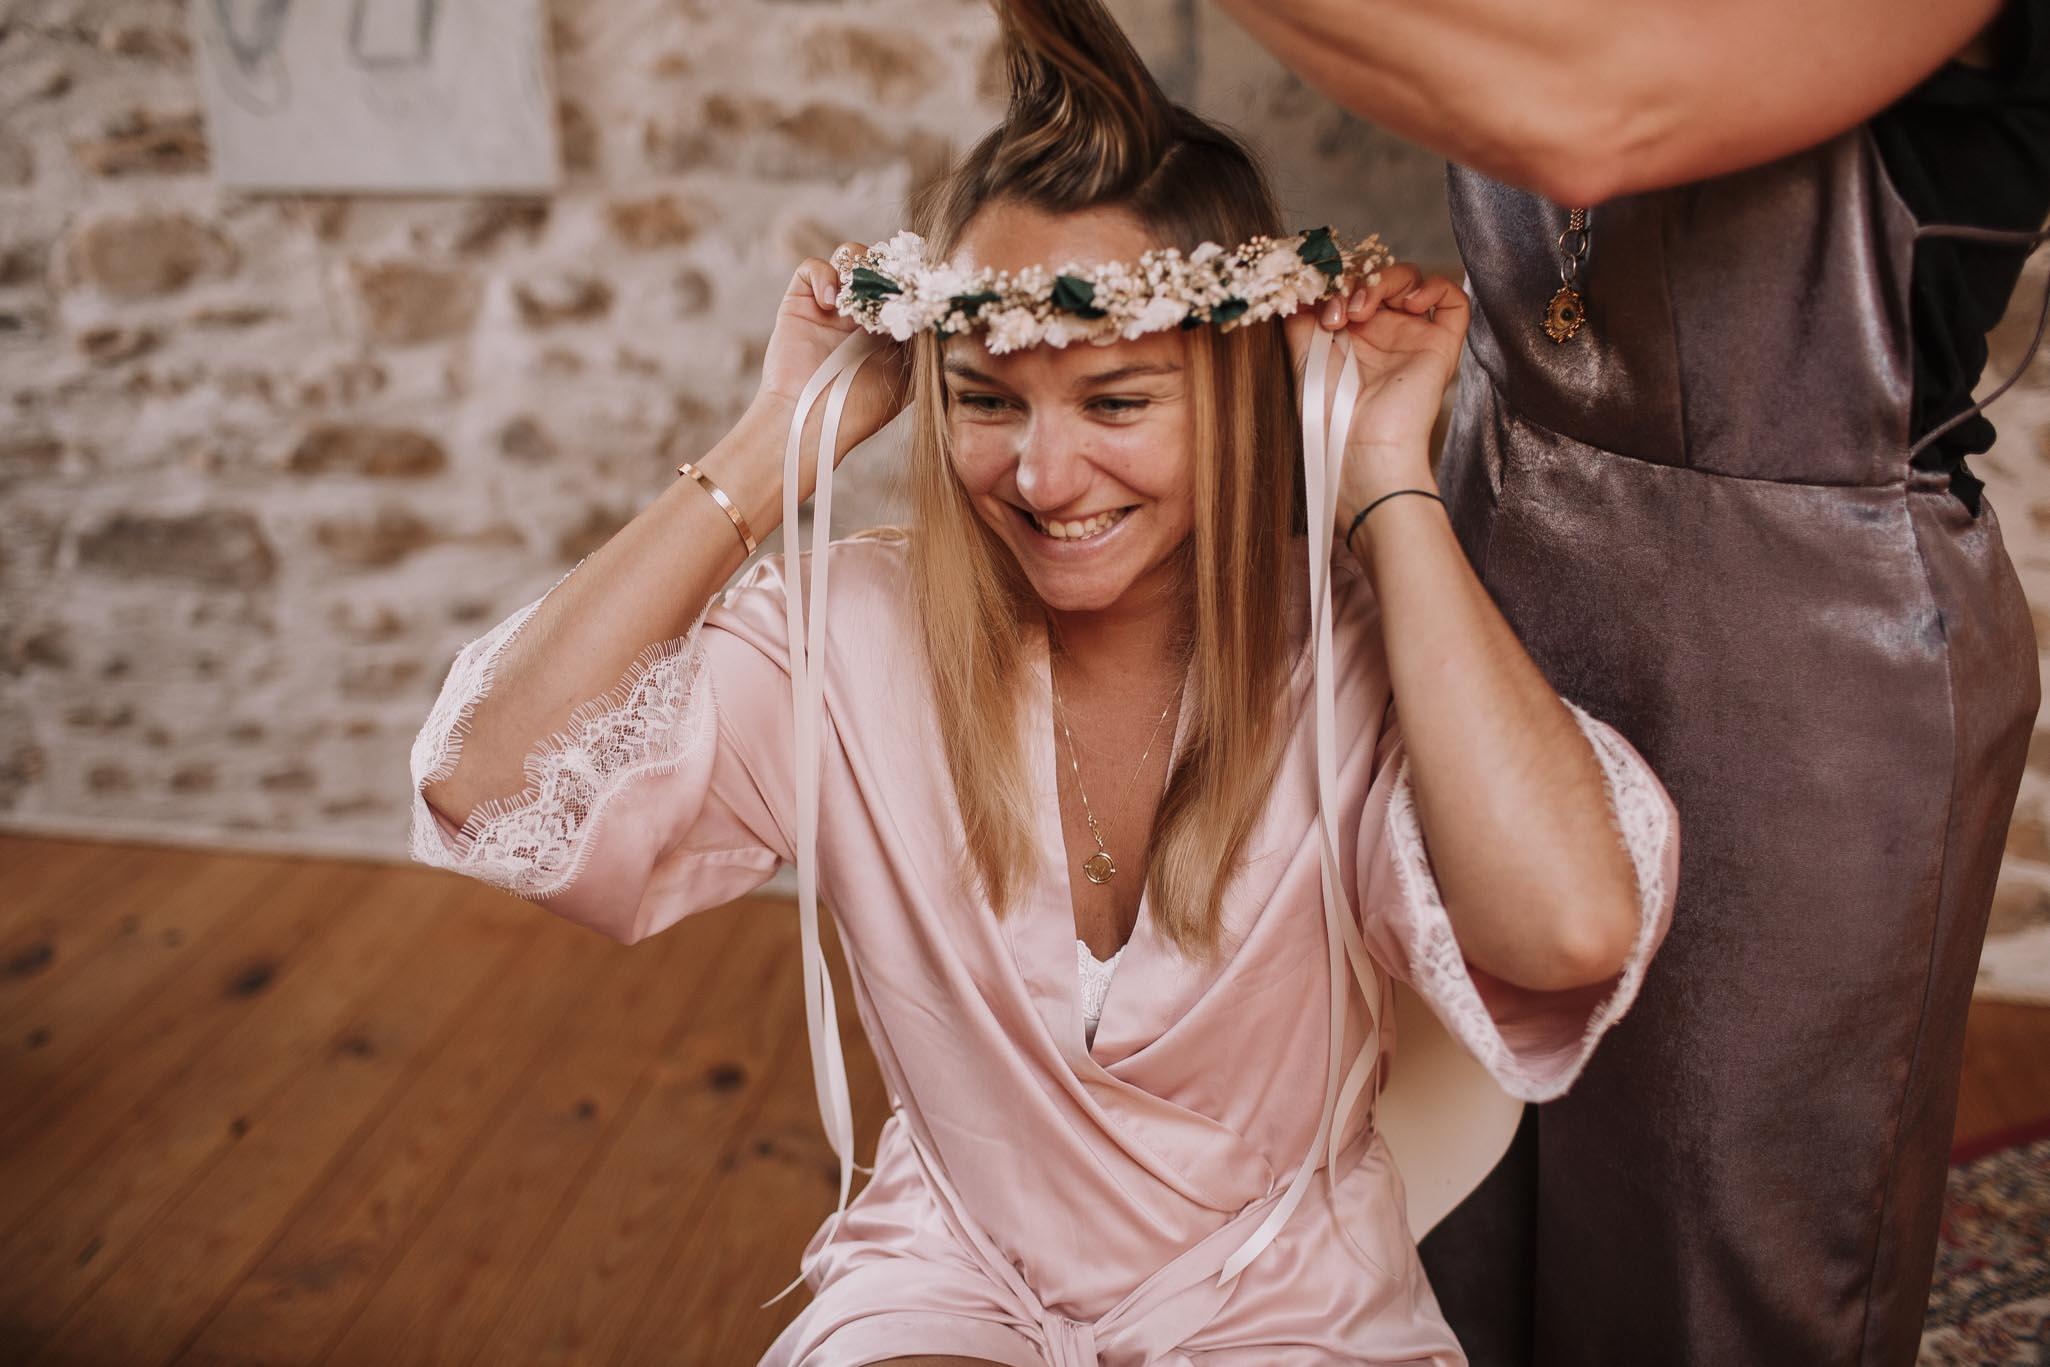 Photographe-mariage-bordeaux-jeremy-boyer-pays-basque-ihartze-artea-sare-robe-eleonore-pauc-couple-amour-12.jpg